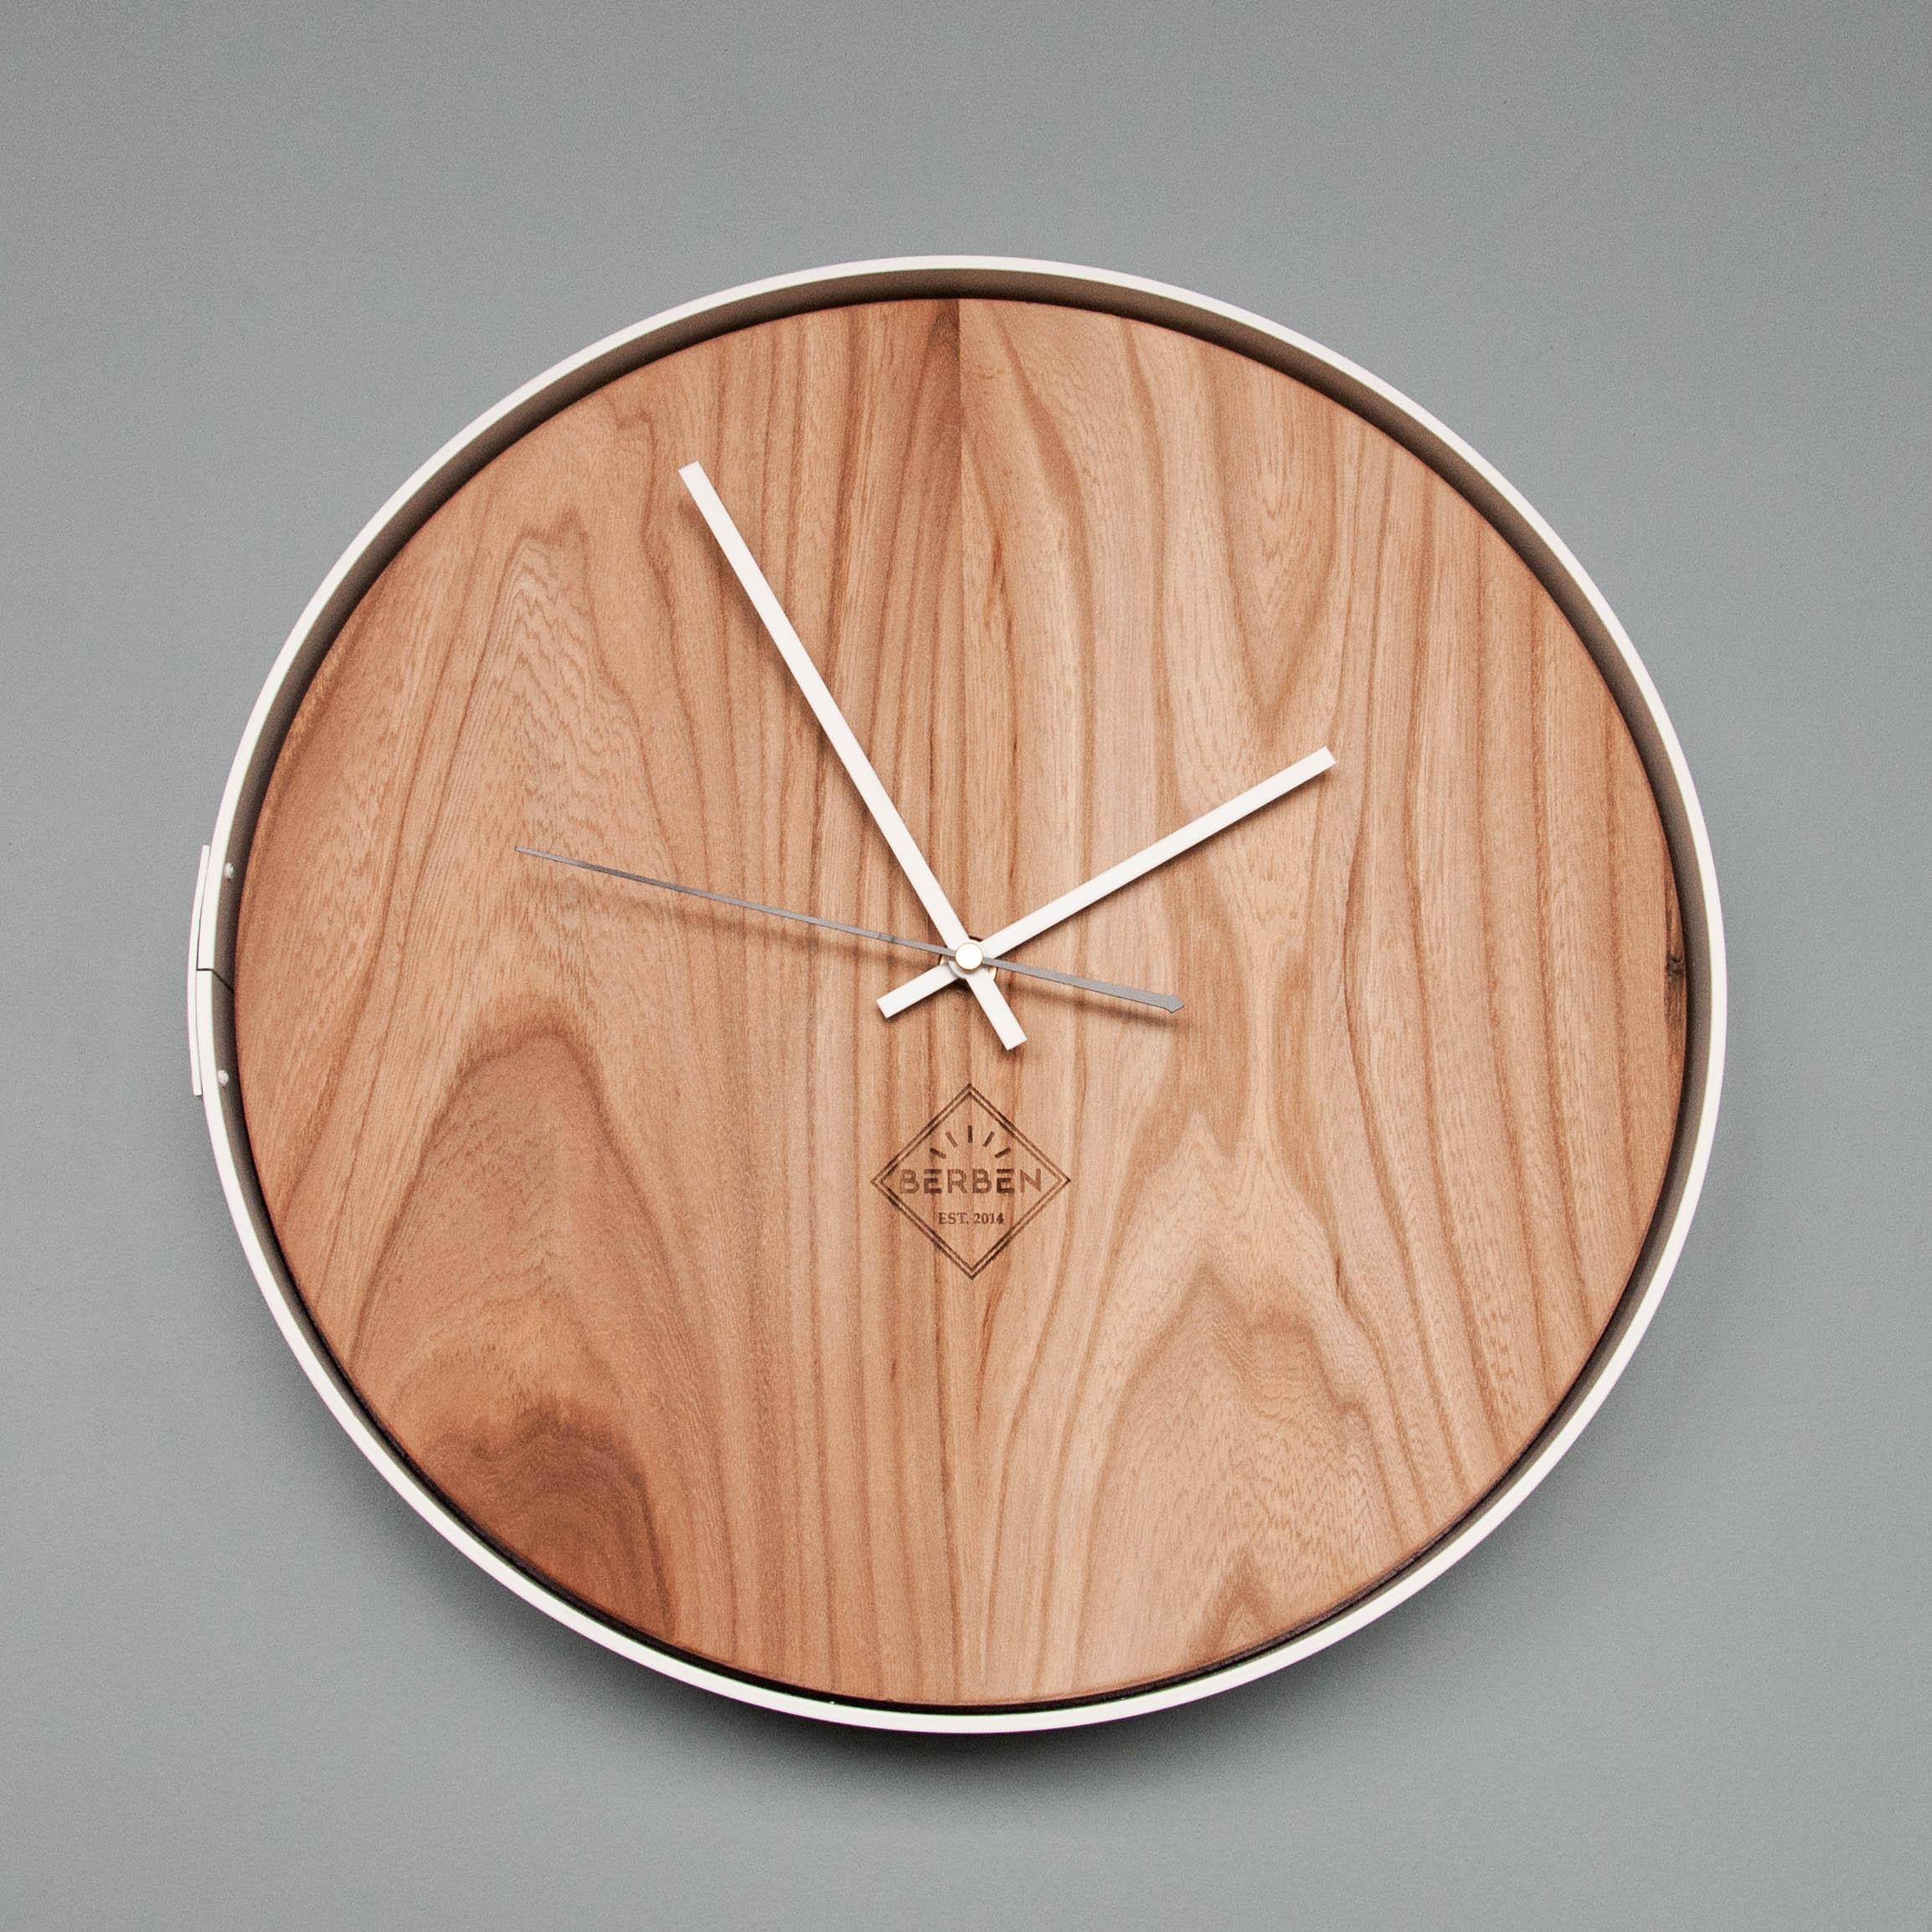 Solid Wood Clock Minimalistic Berben Design